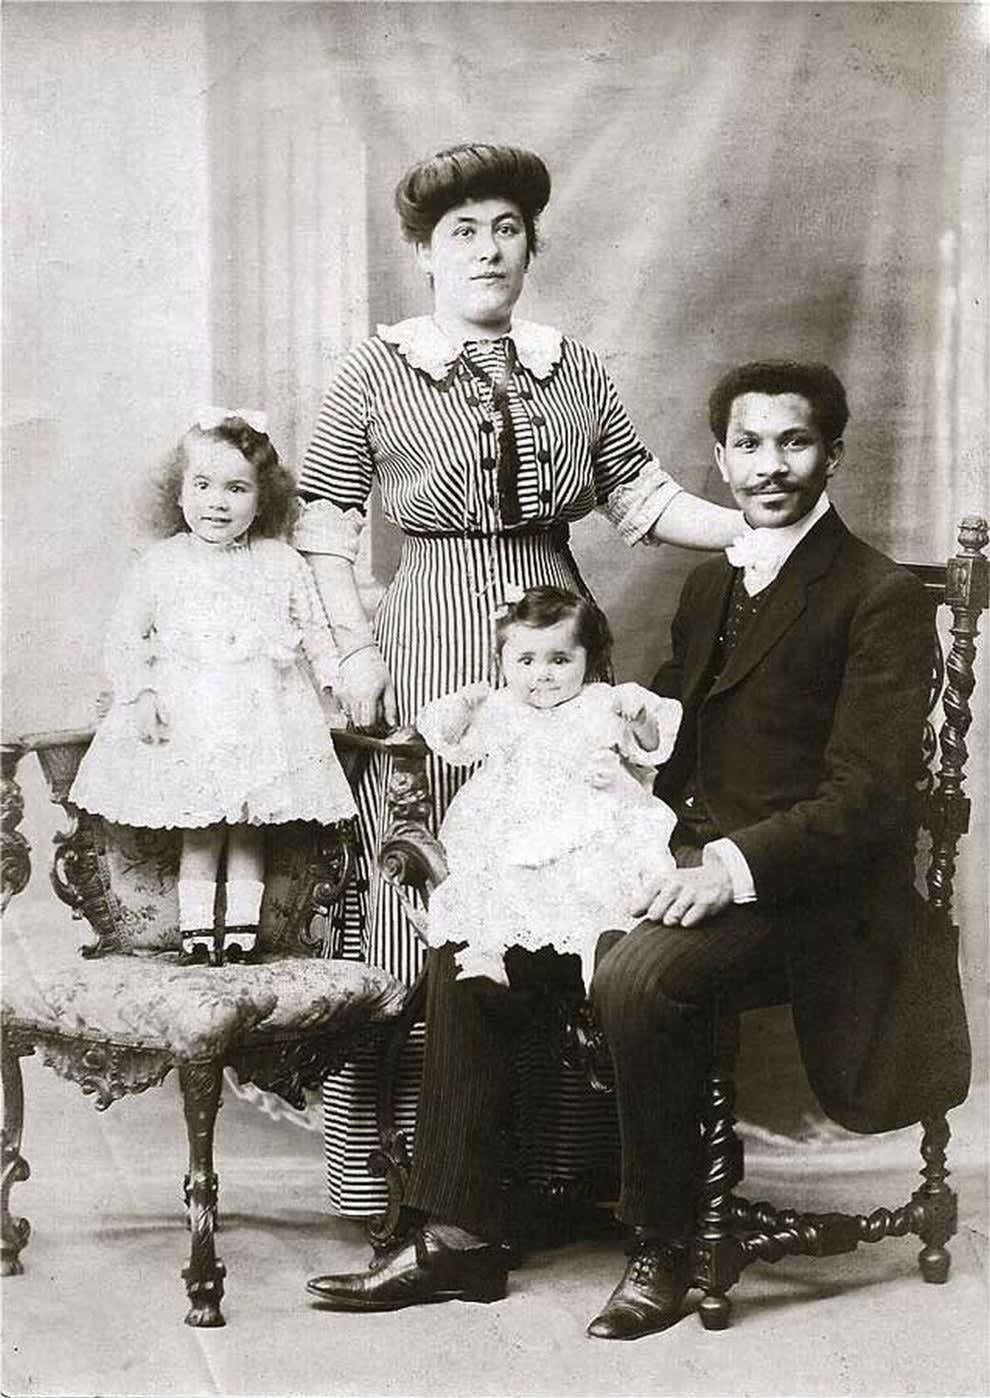 FamíliaLaroche posando para um retrato